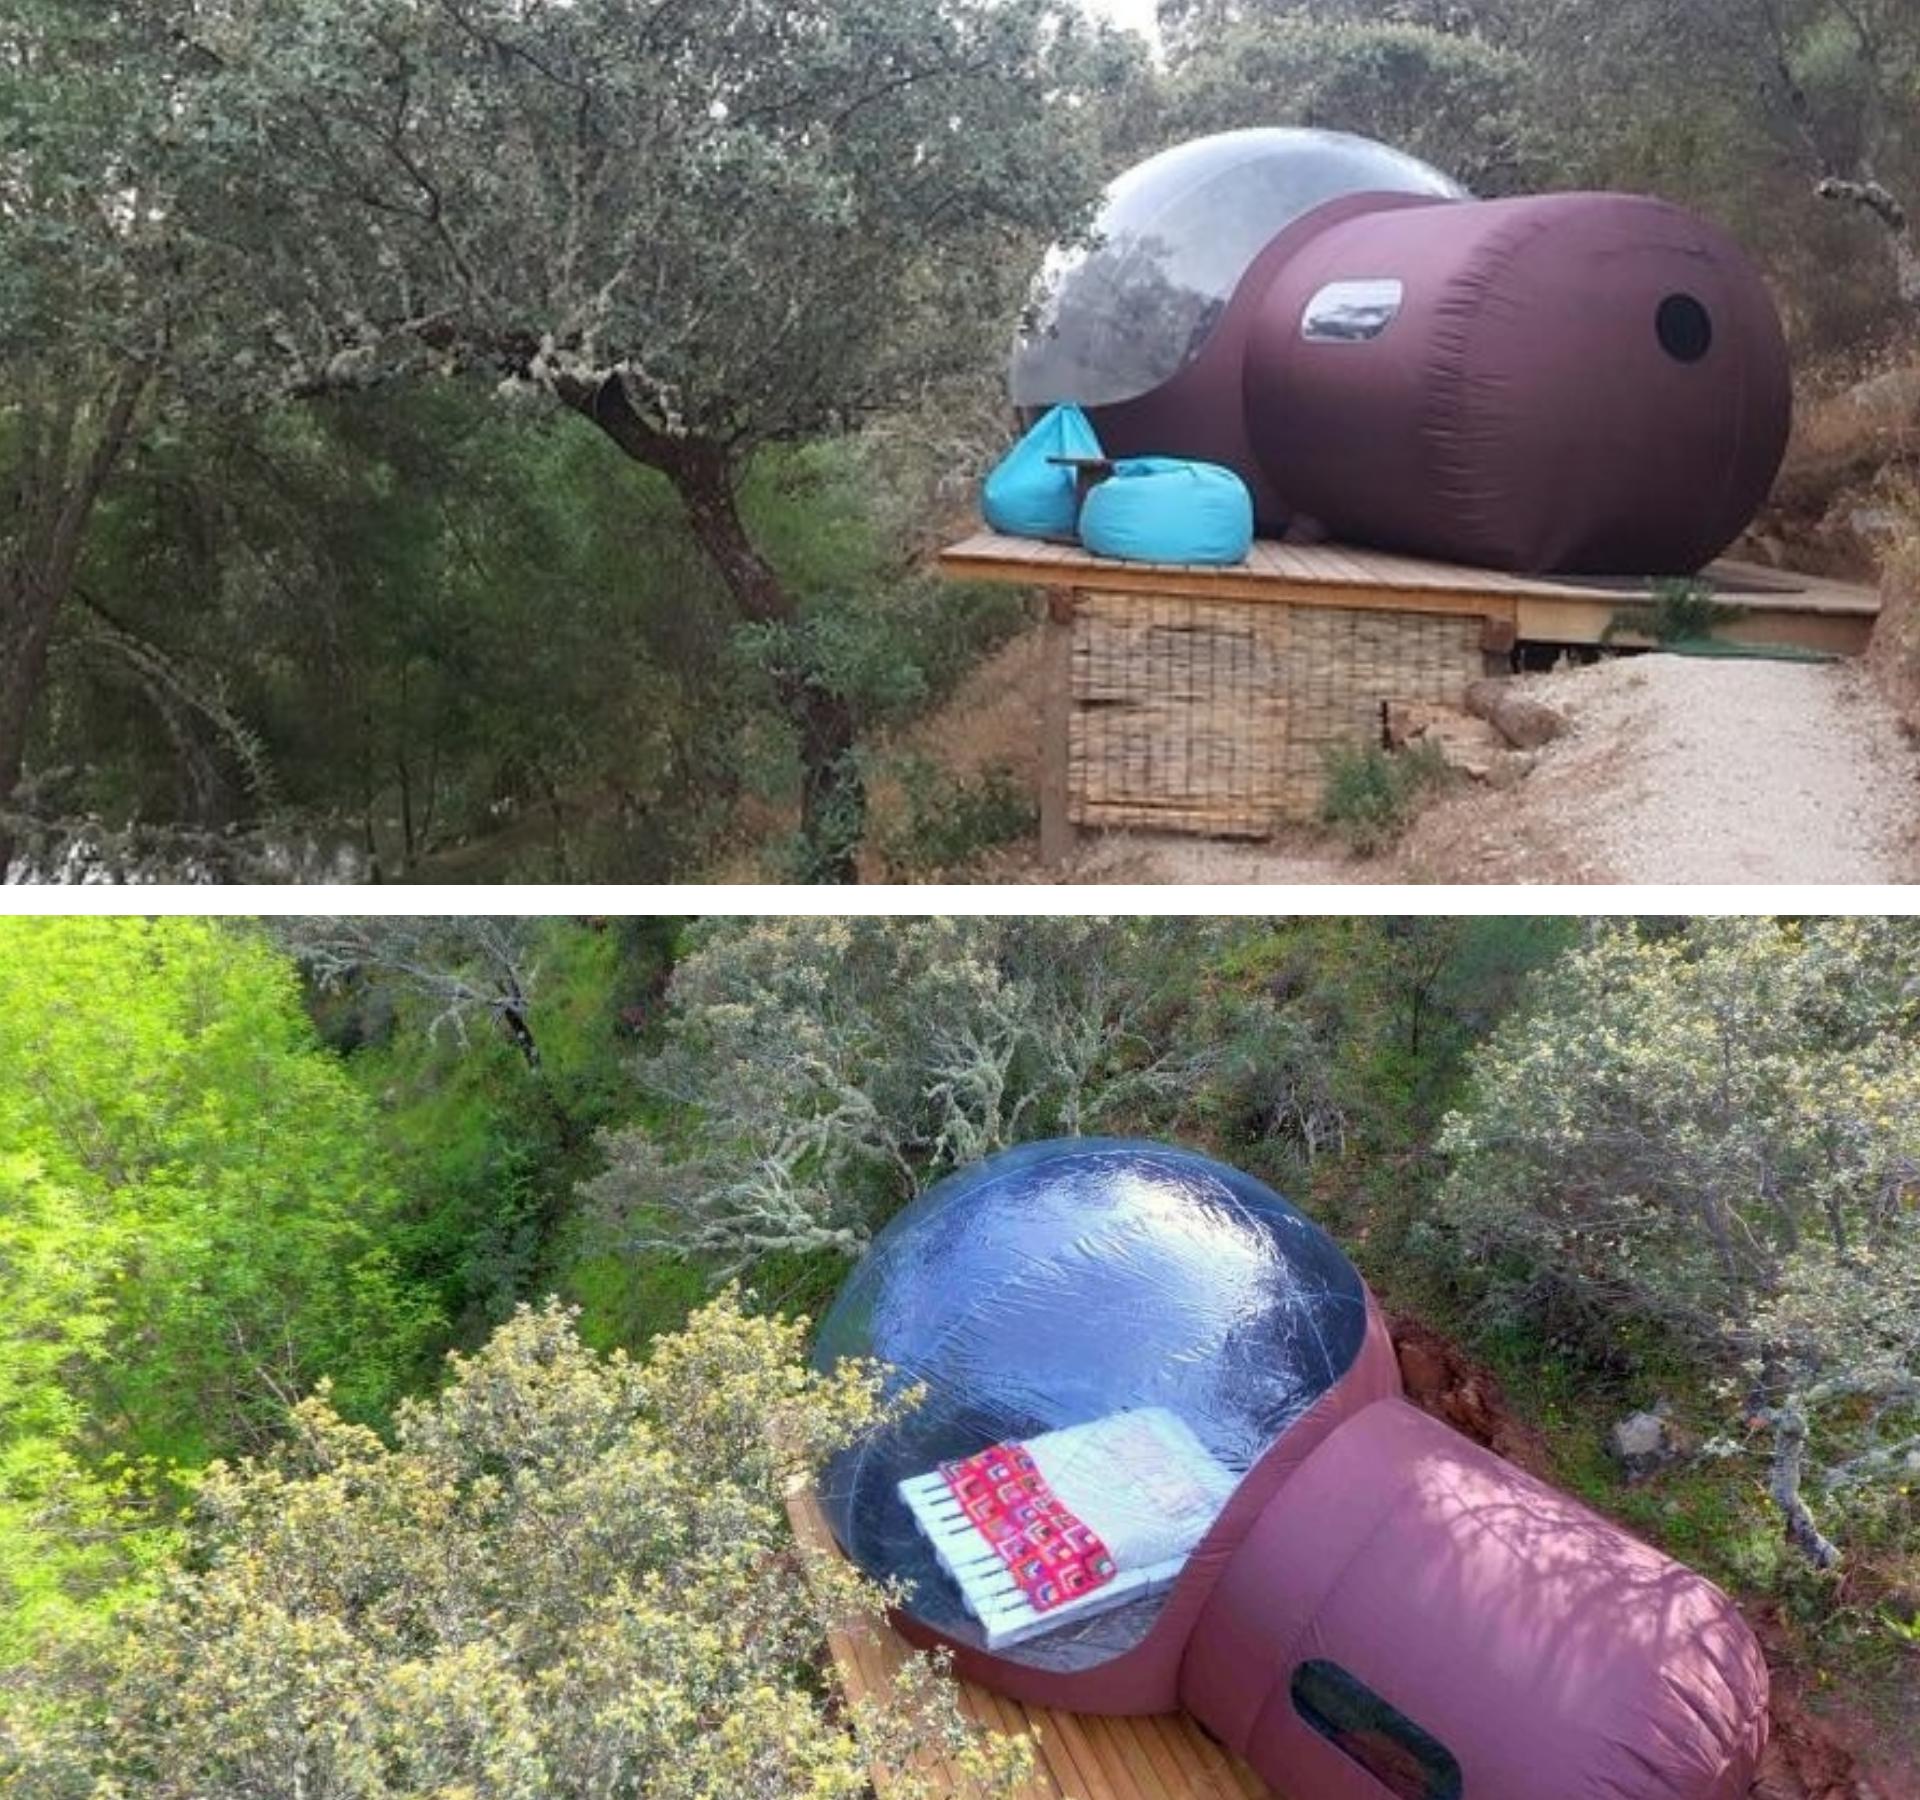 moinho-do-maneio-castelo-branco-melhores-parques-de-glamping-em-Portugal